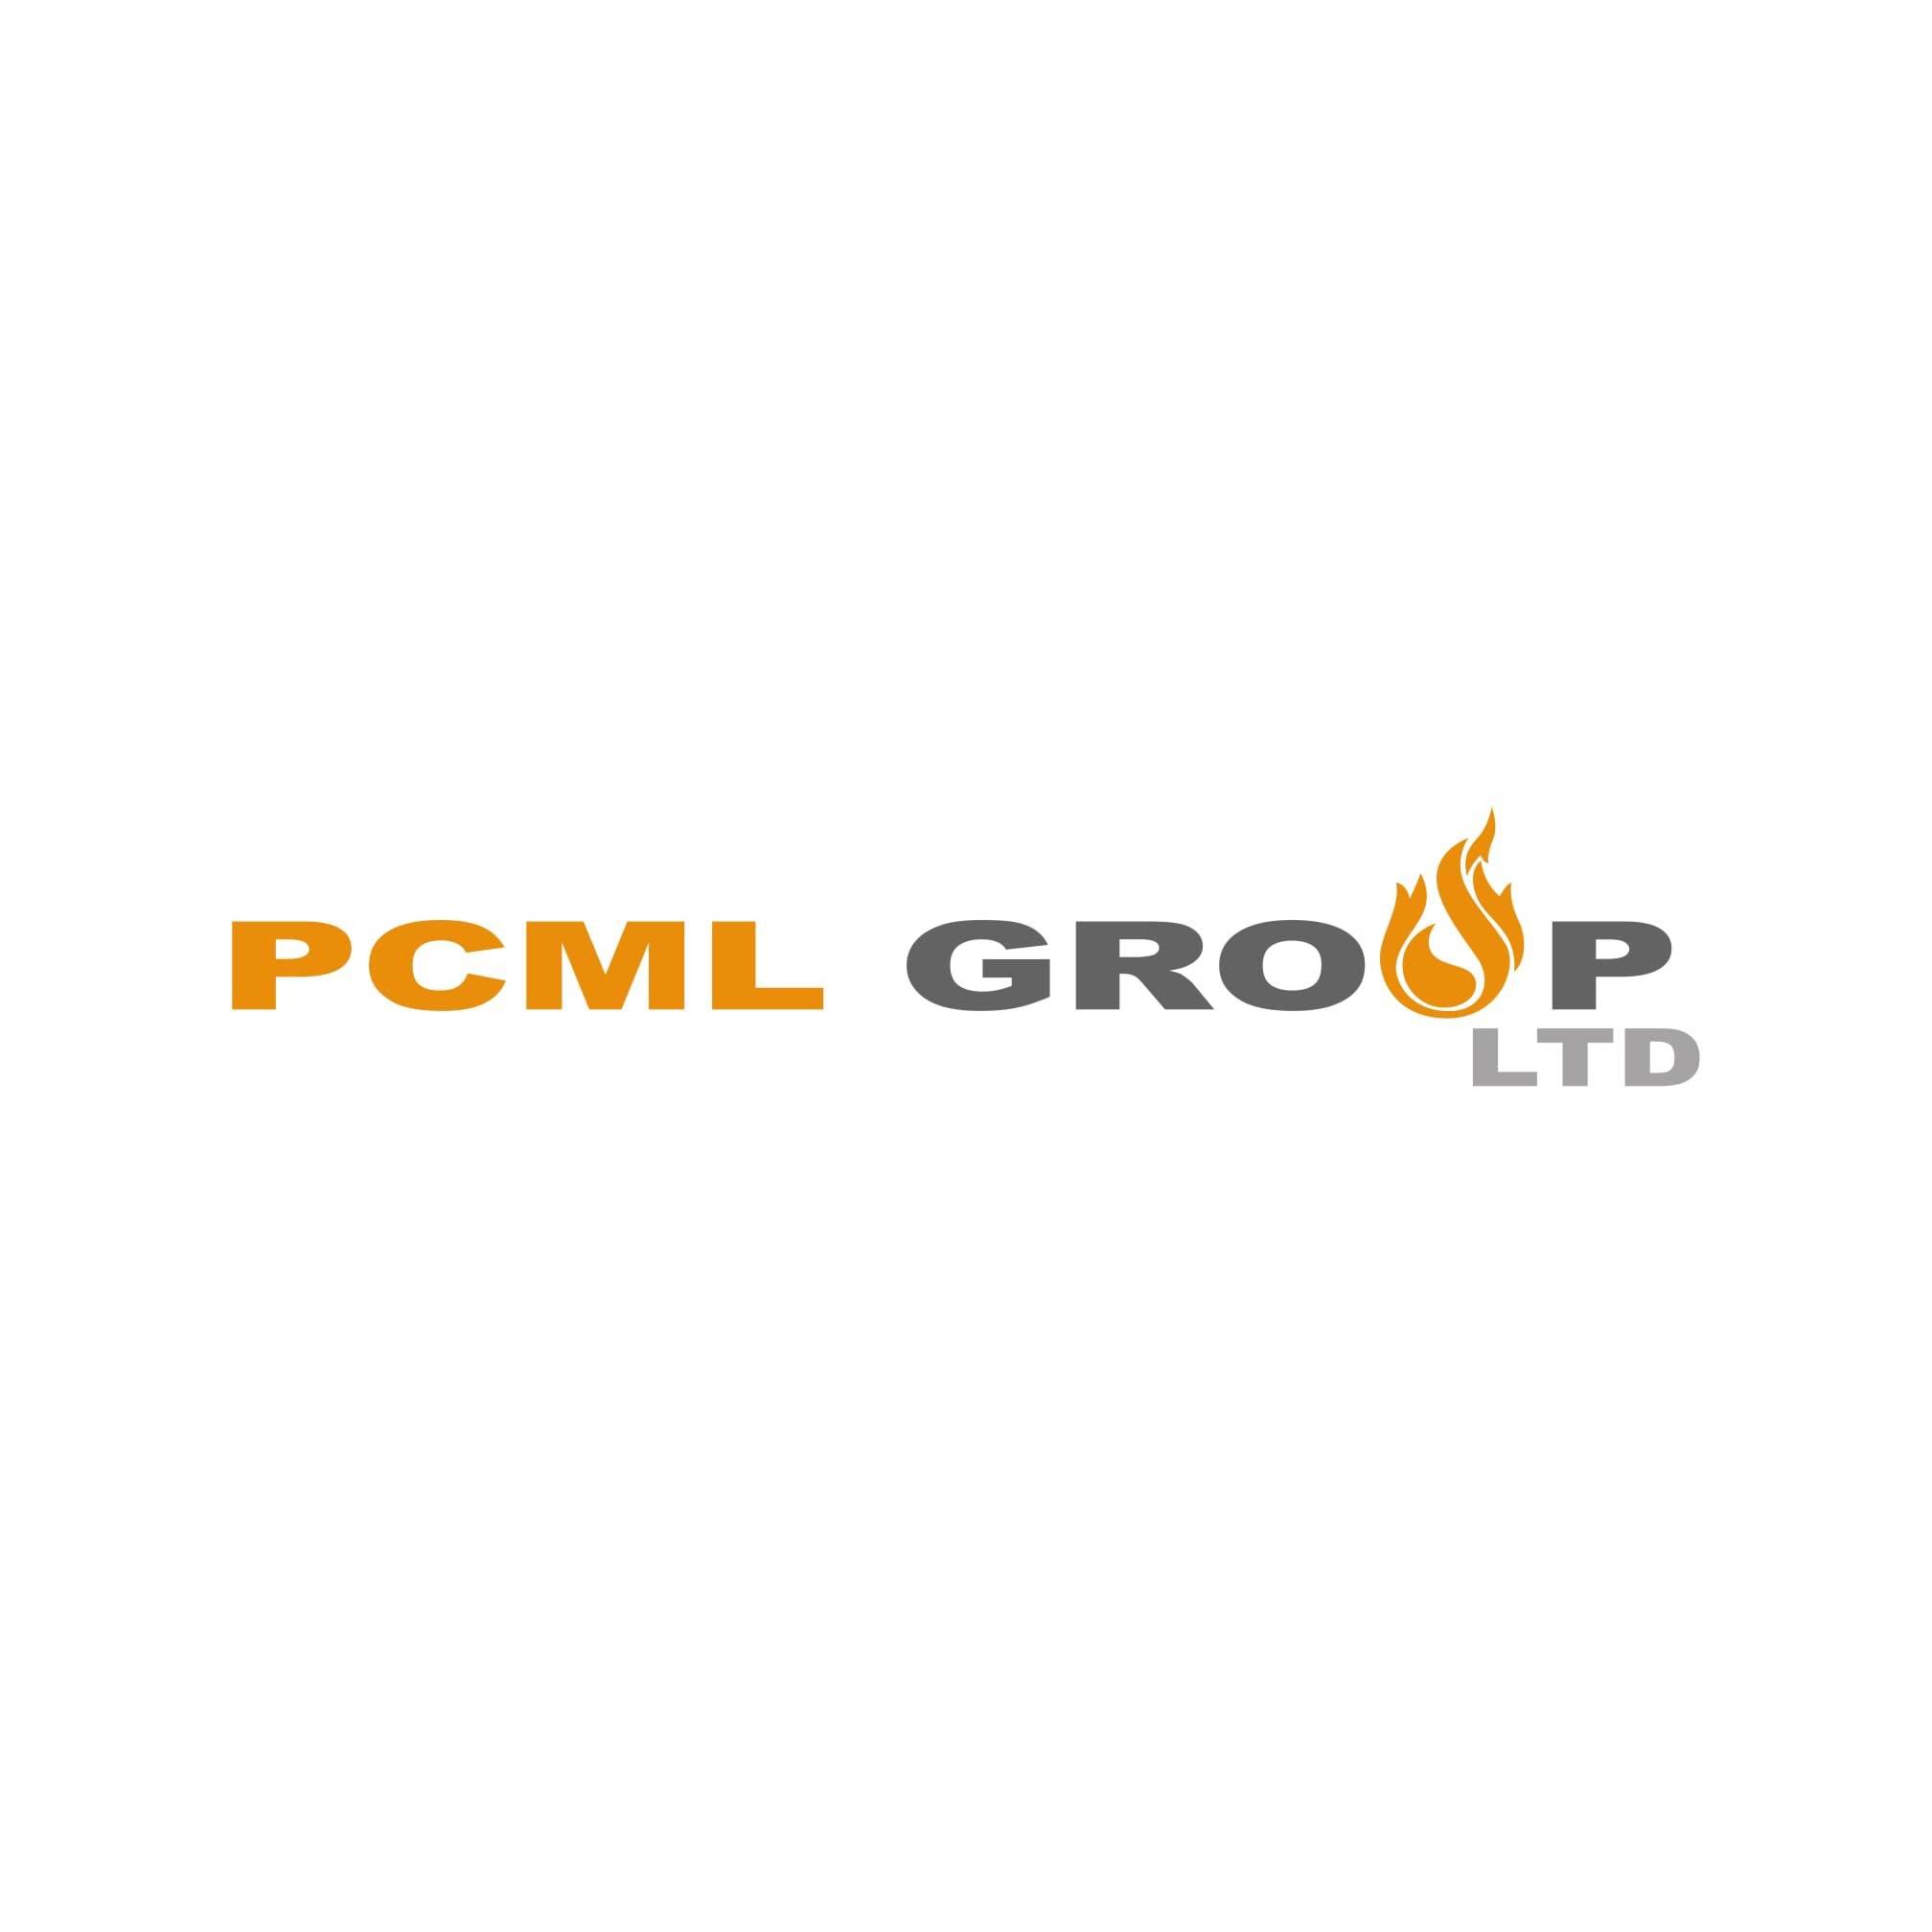 PCML Group Ltd - Peterborough, Cambridgeshire PE1 4BH - 08001 070499 | ShowMeLocal.com